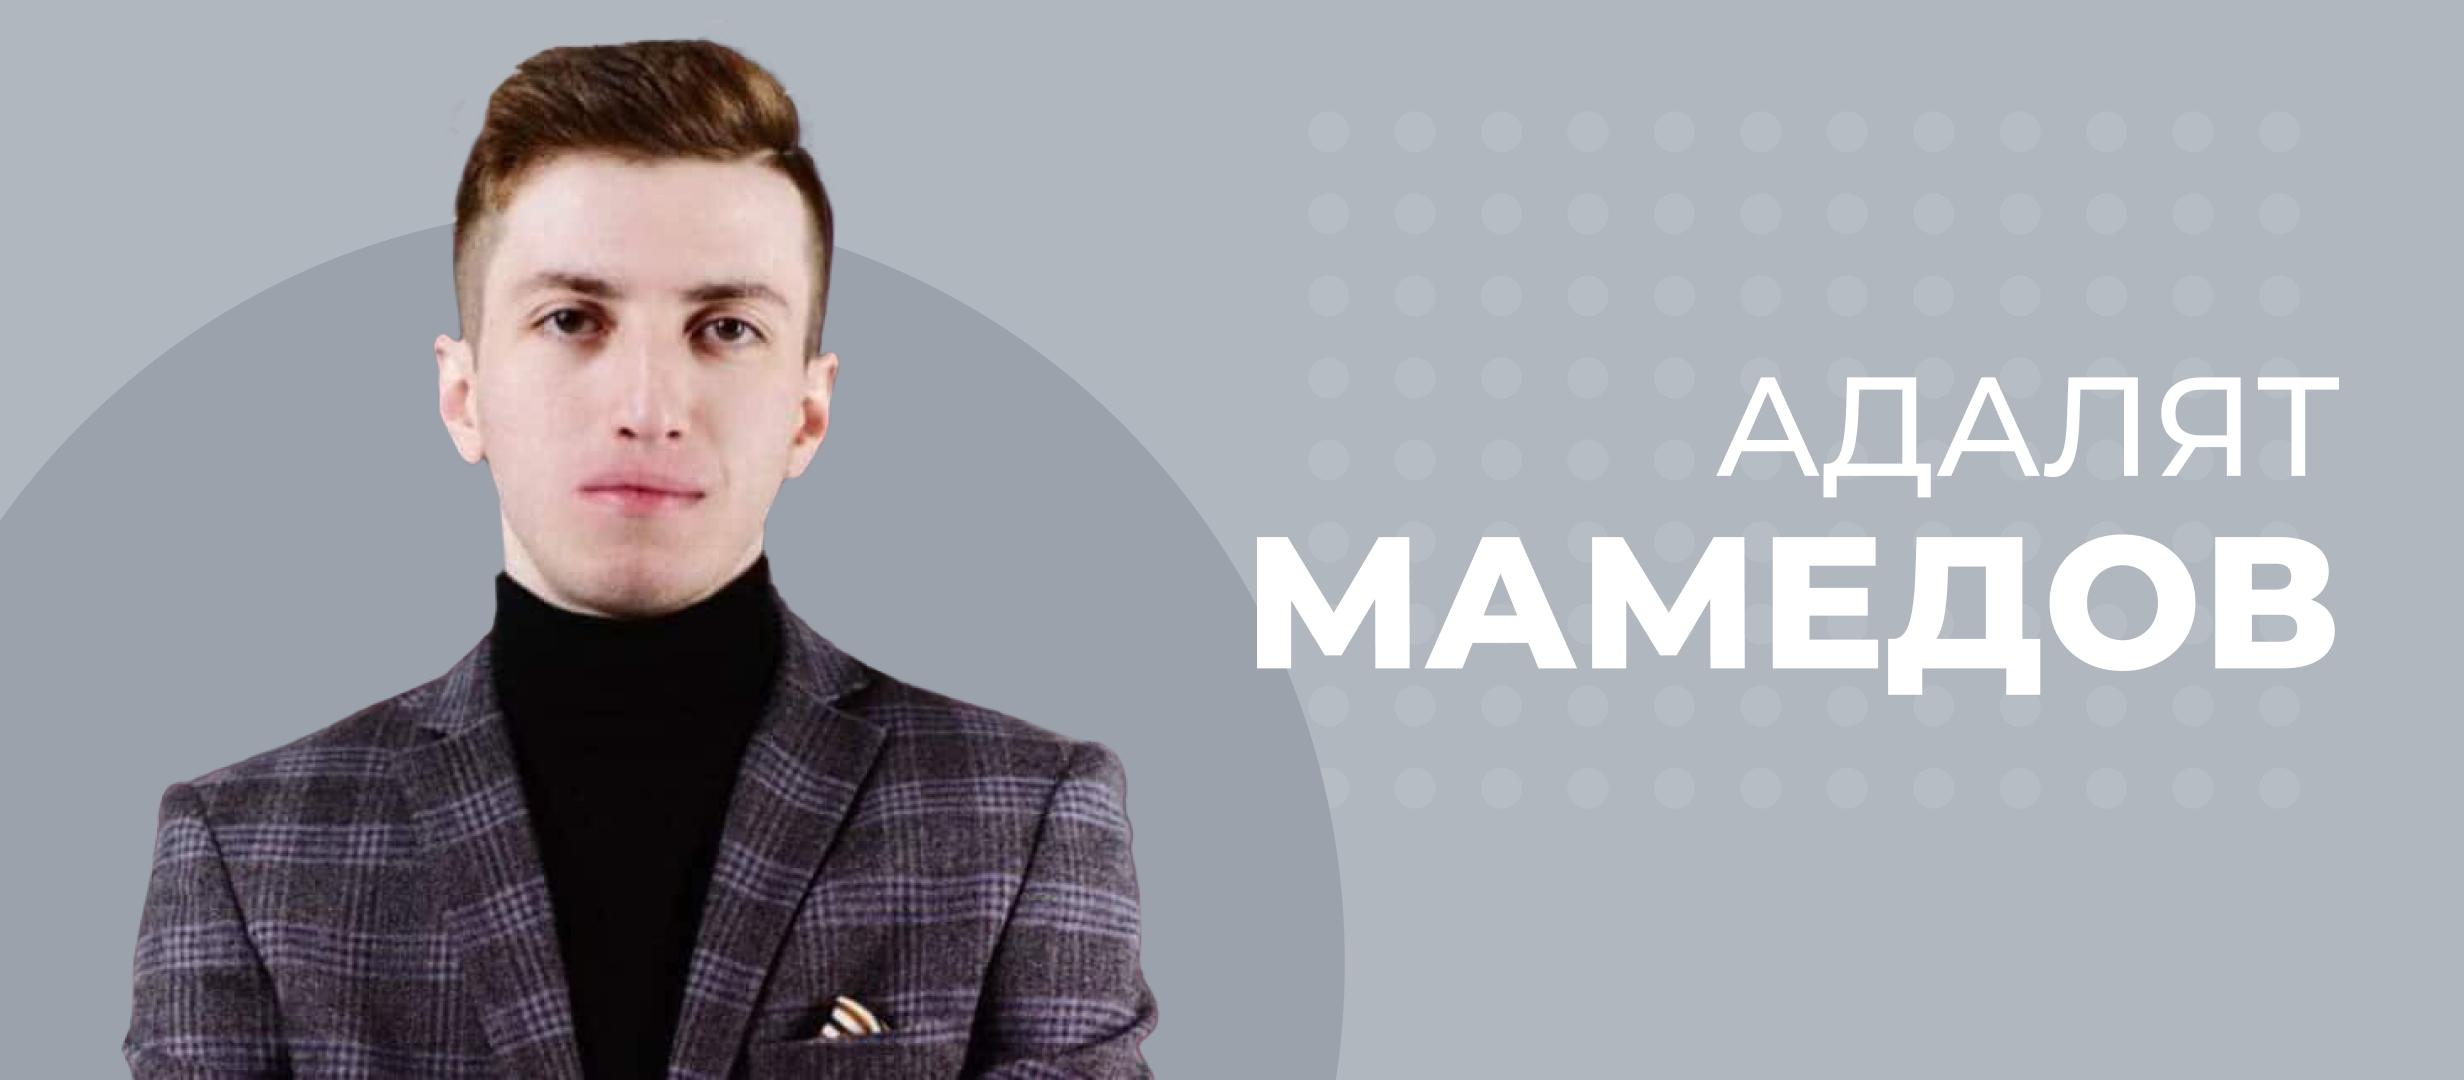 """Адалят Мамедов: «У """"Париматч"""" лучший киберспортивный продукт на рынке»"""